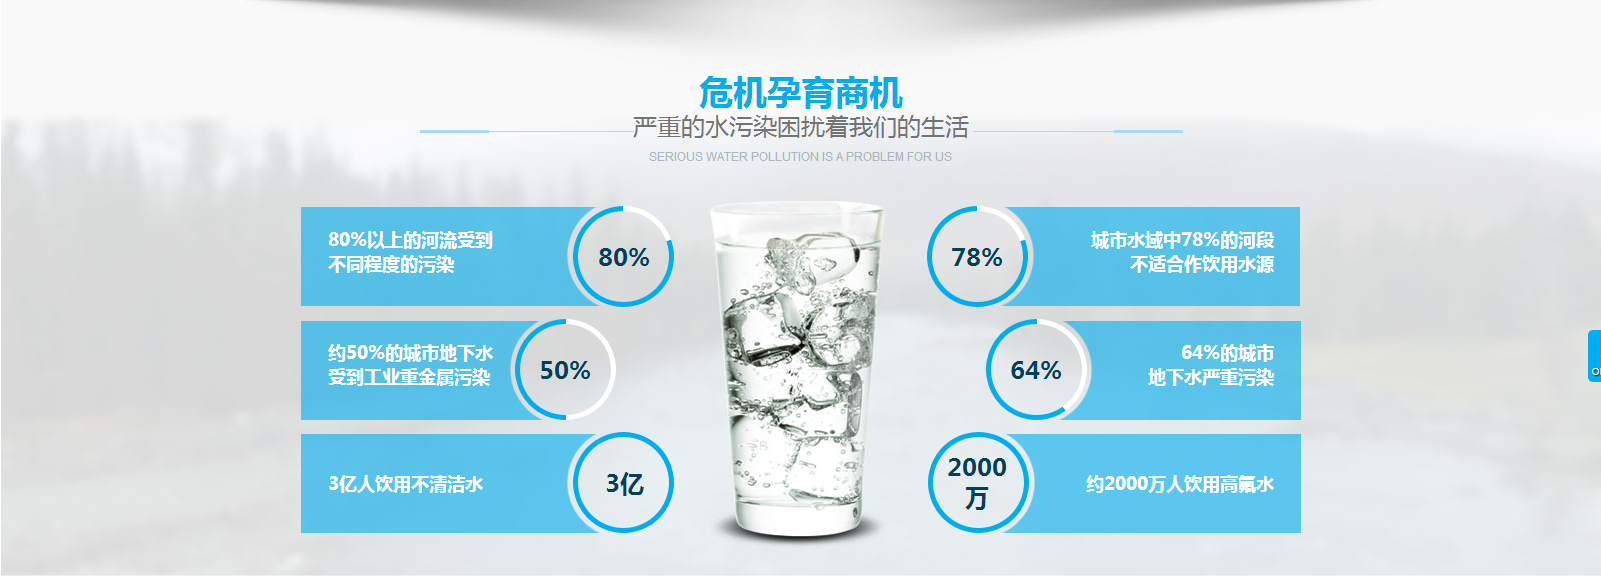 净水器的市场前景是怎样的?菲浦斯为各位分析